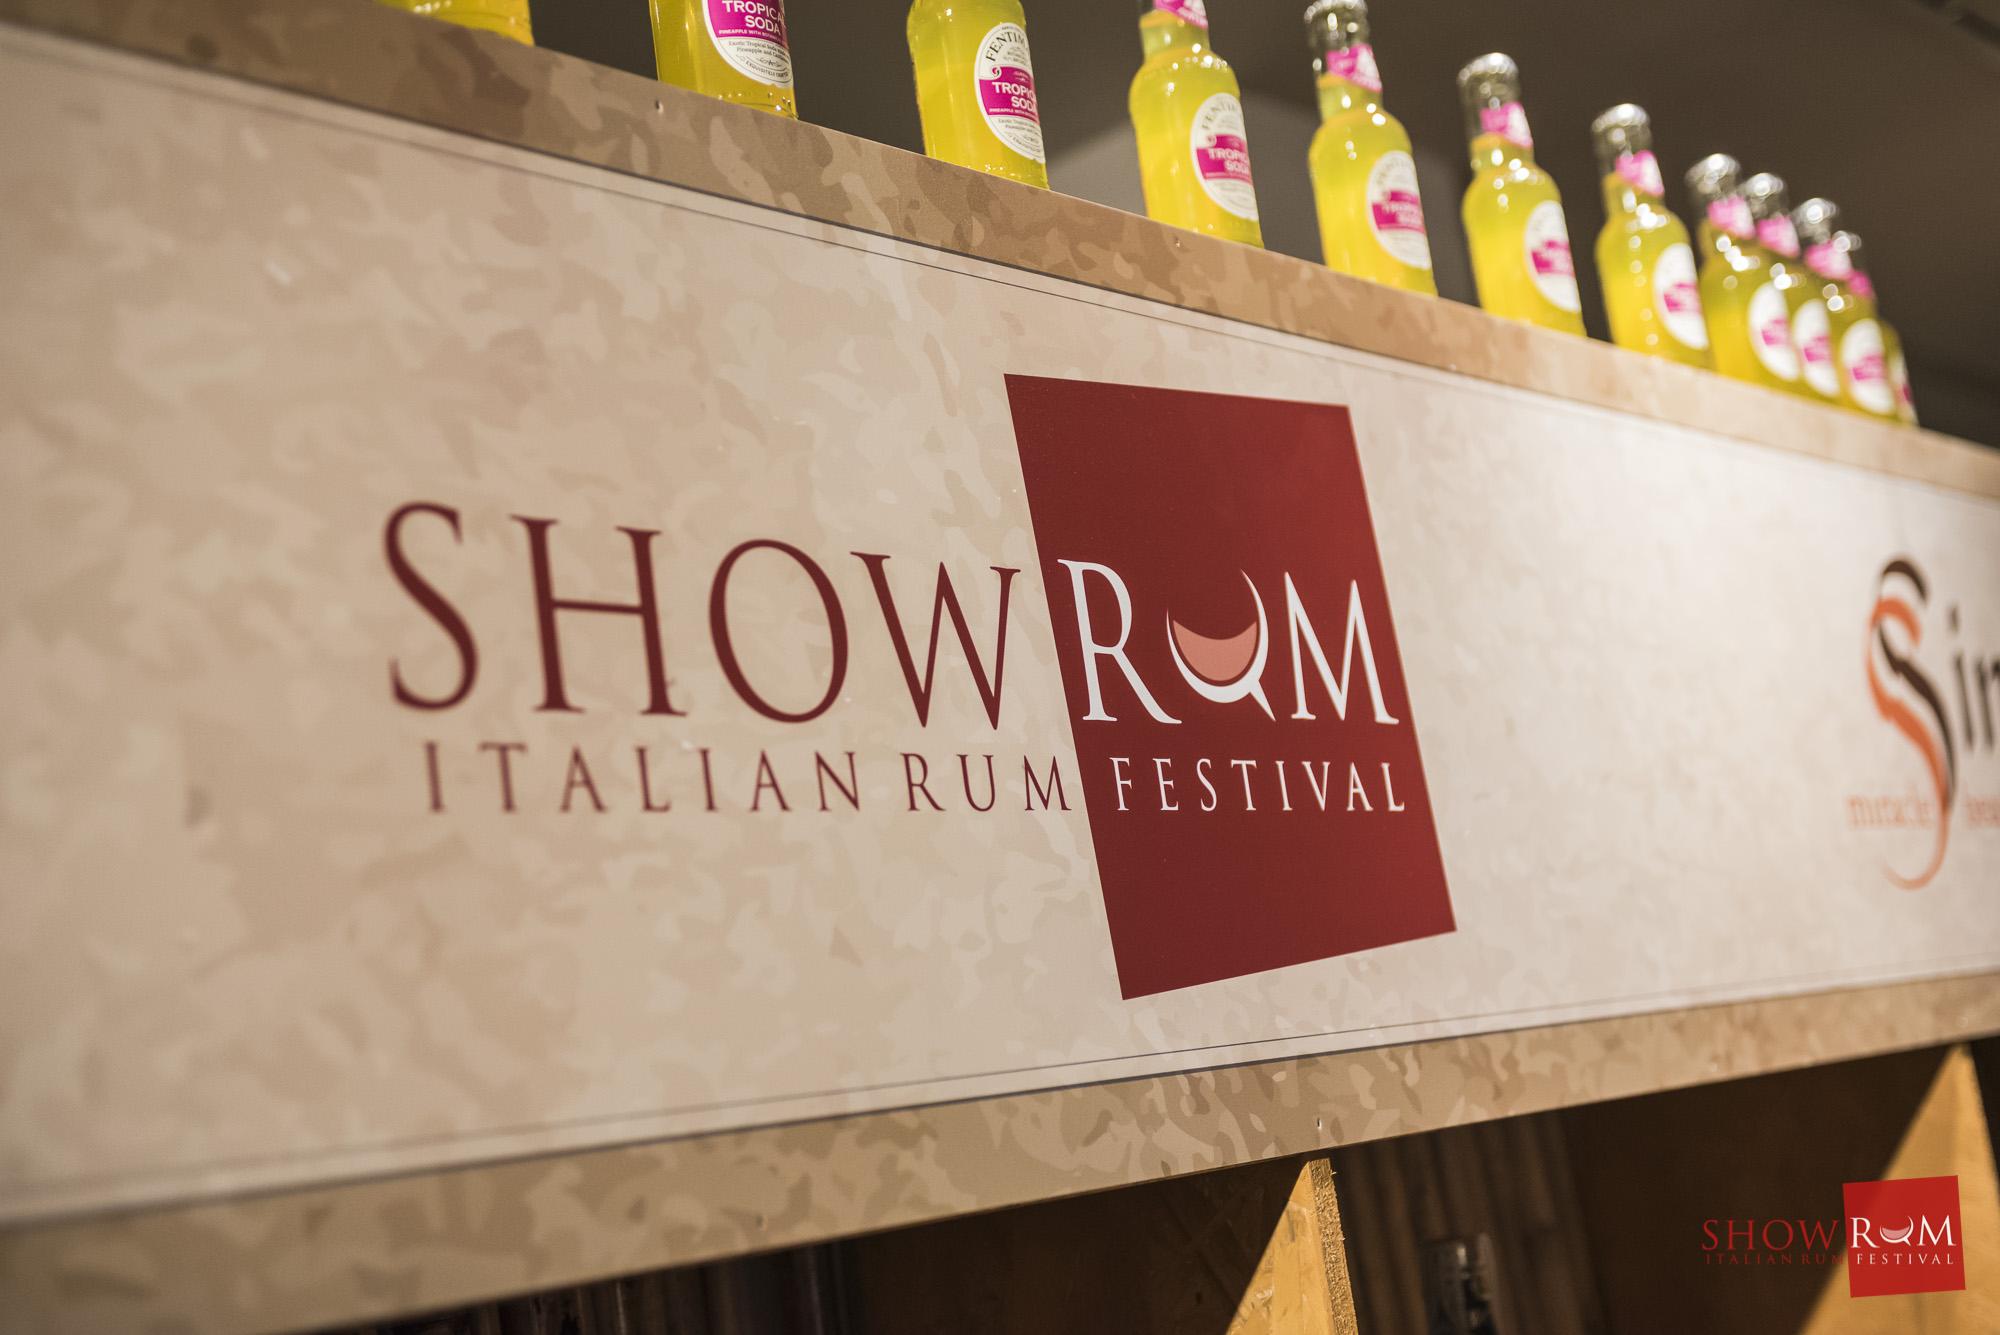 ShowRum